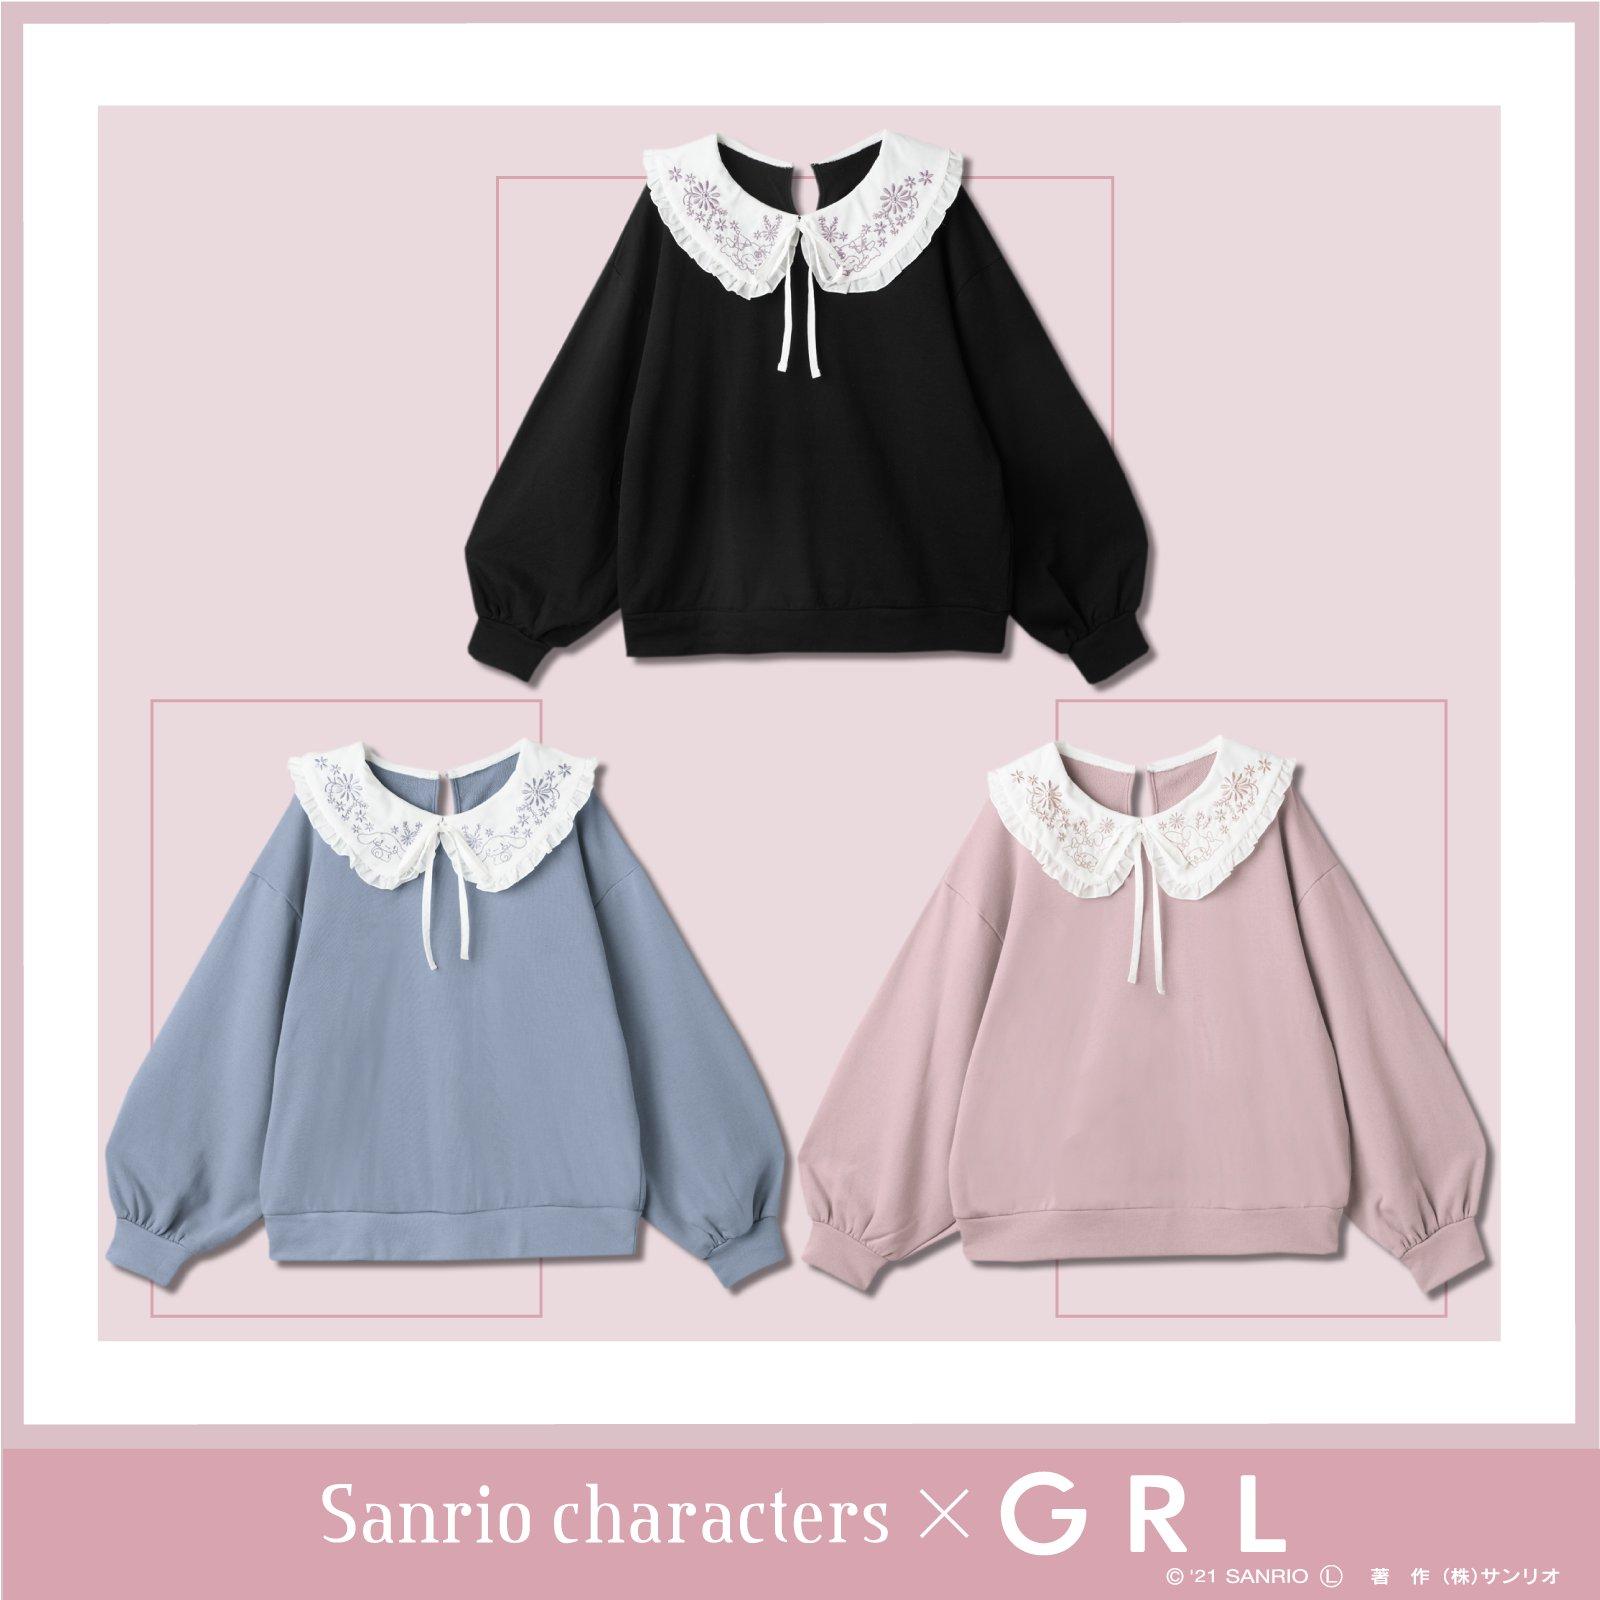 「サンリオ×グレイル」刺繍襟が可愛い乙女心をくすぐるリボンスウェットが新登場!